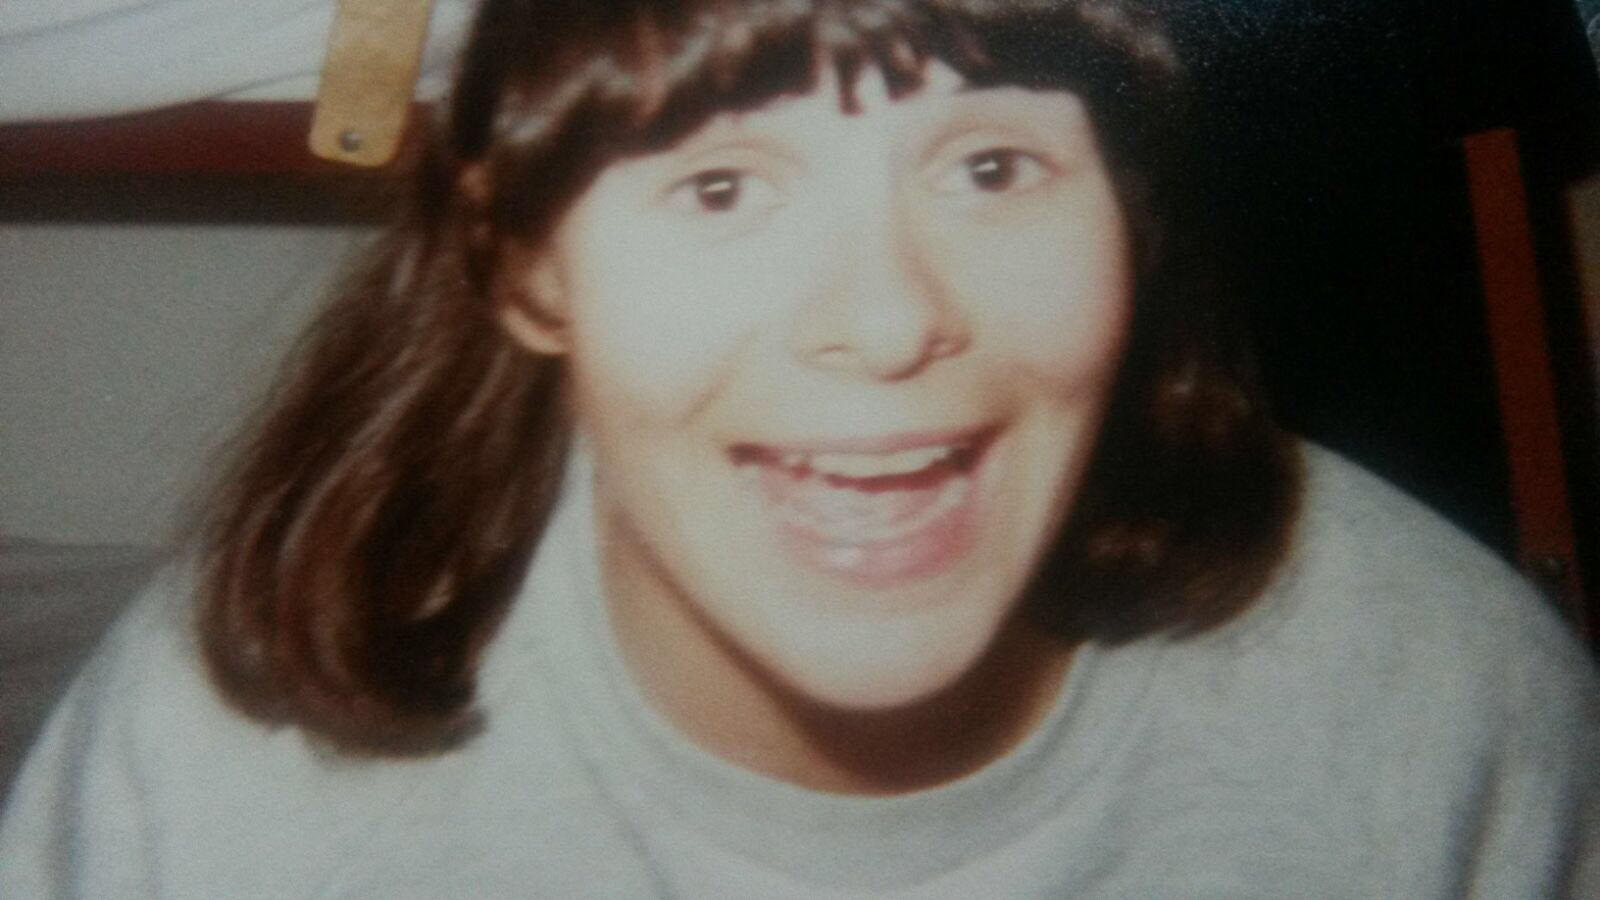 Lena in the '80s